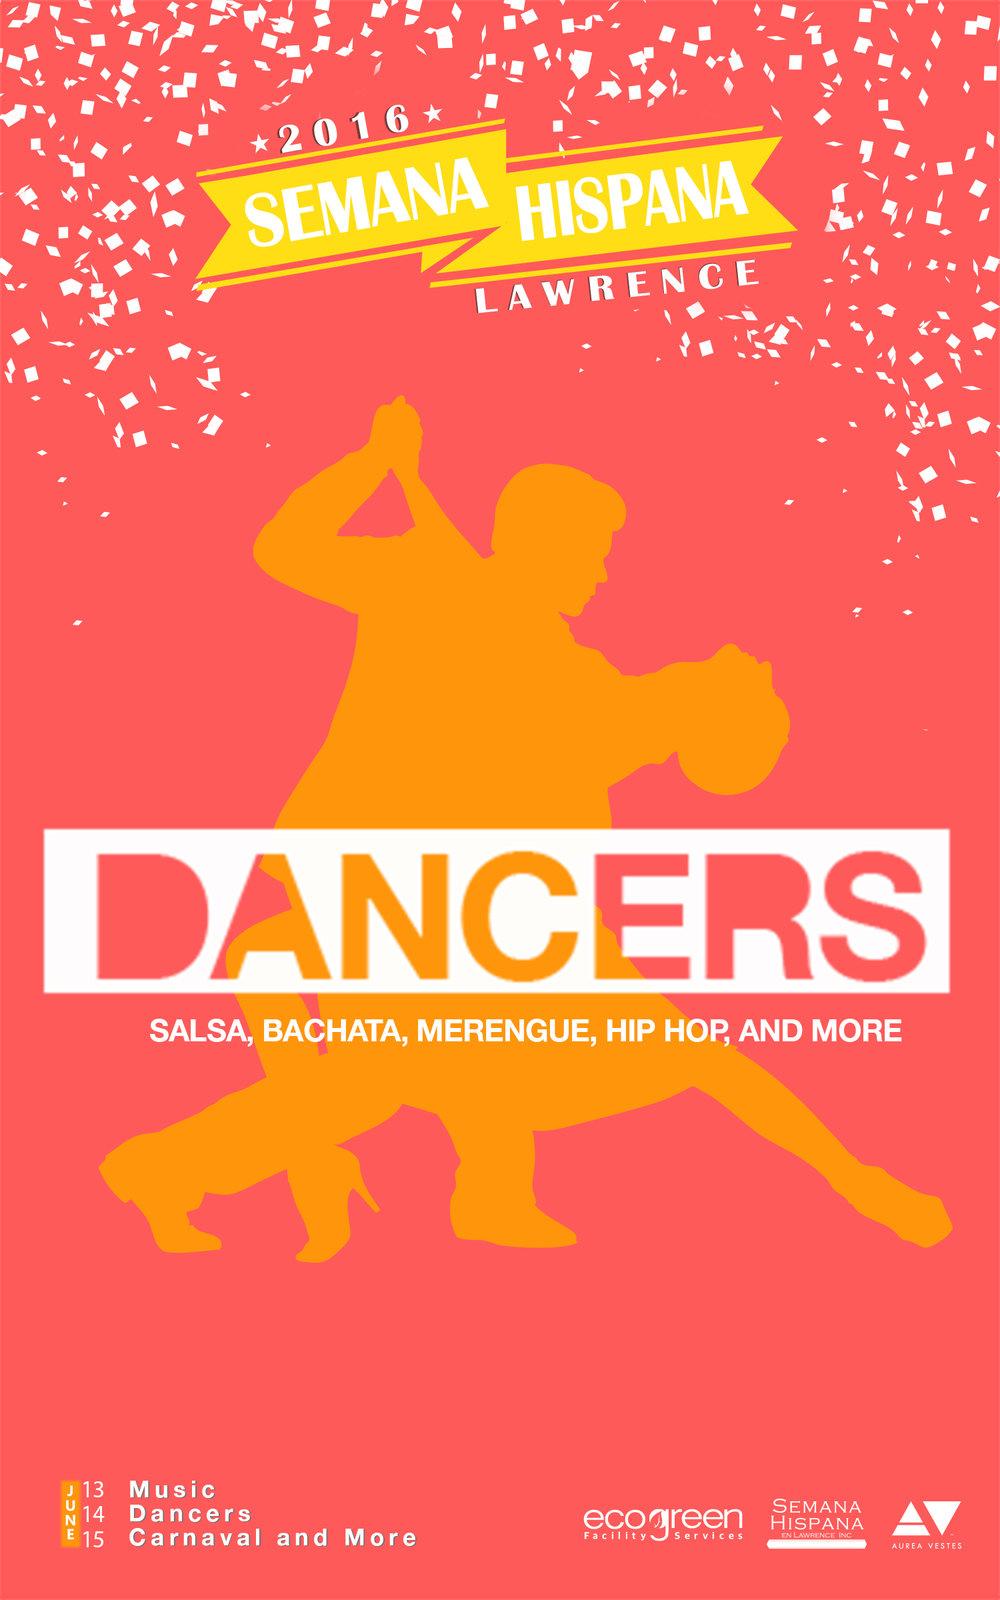 Flyer_Dancers_semana_hispana.jpg